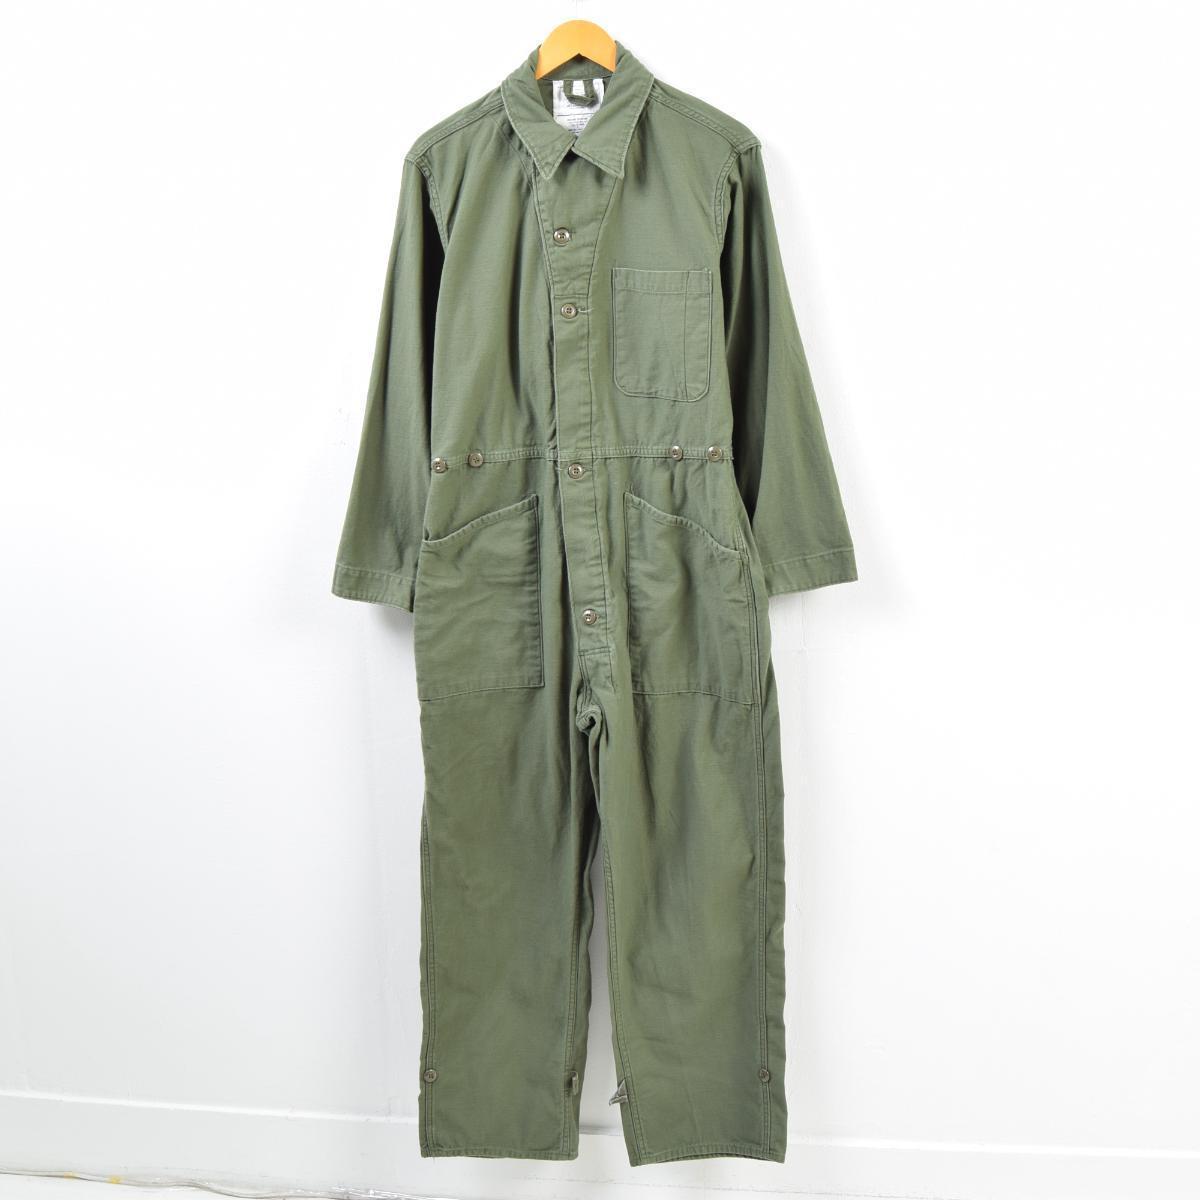 古着屋JAMが映画『浅草花やしき探偵物語 神の子は傷ついて』衣装提供